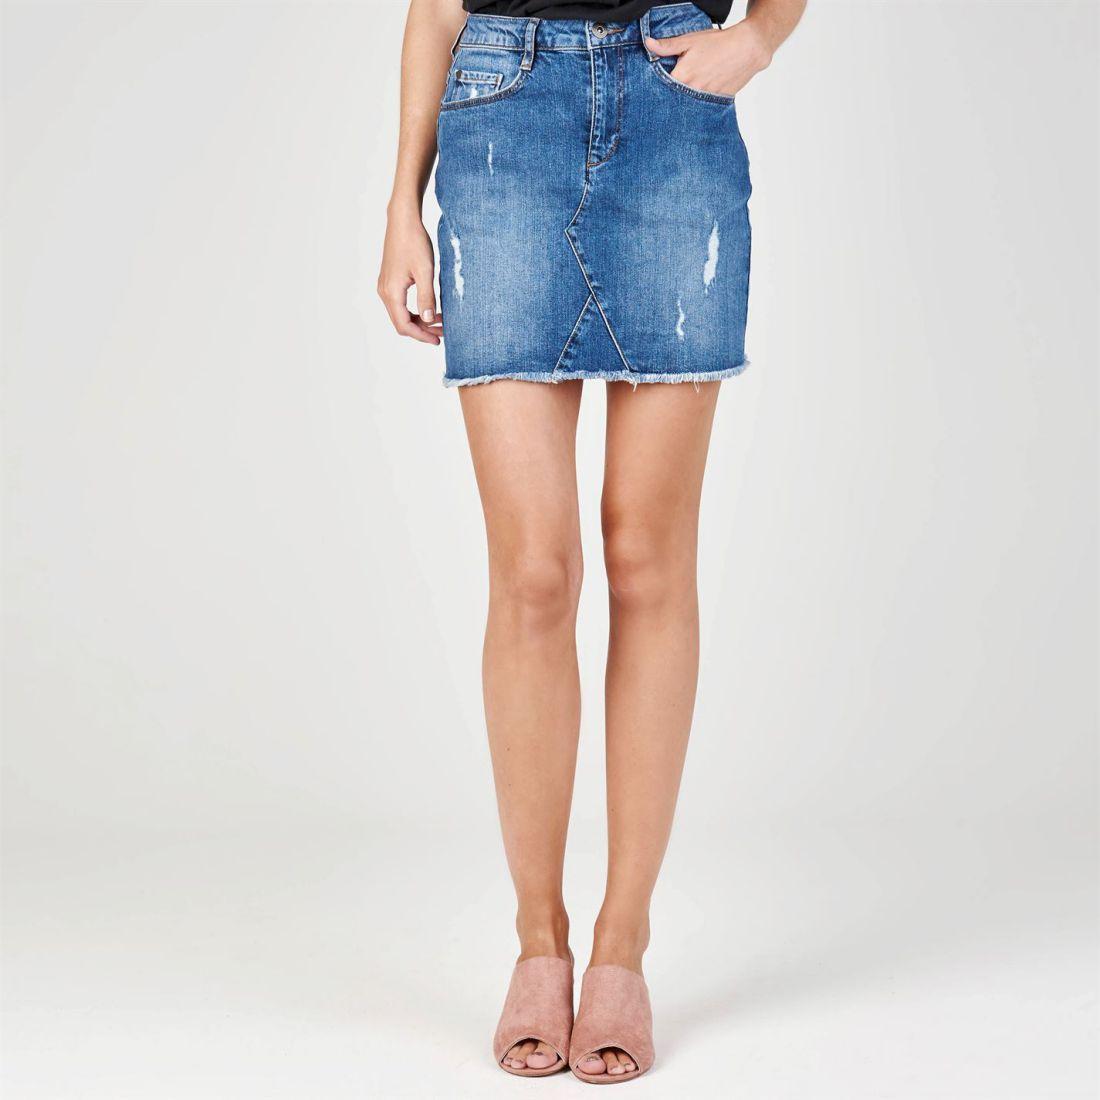 dcefd67651c7 Firetrap Womens Denim Skirt New